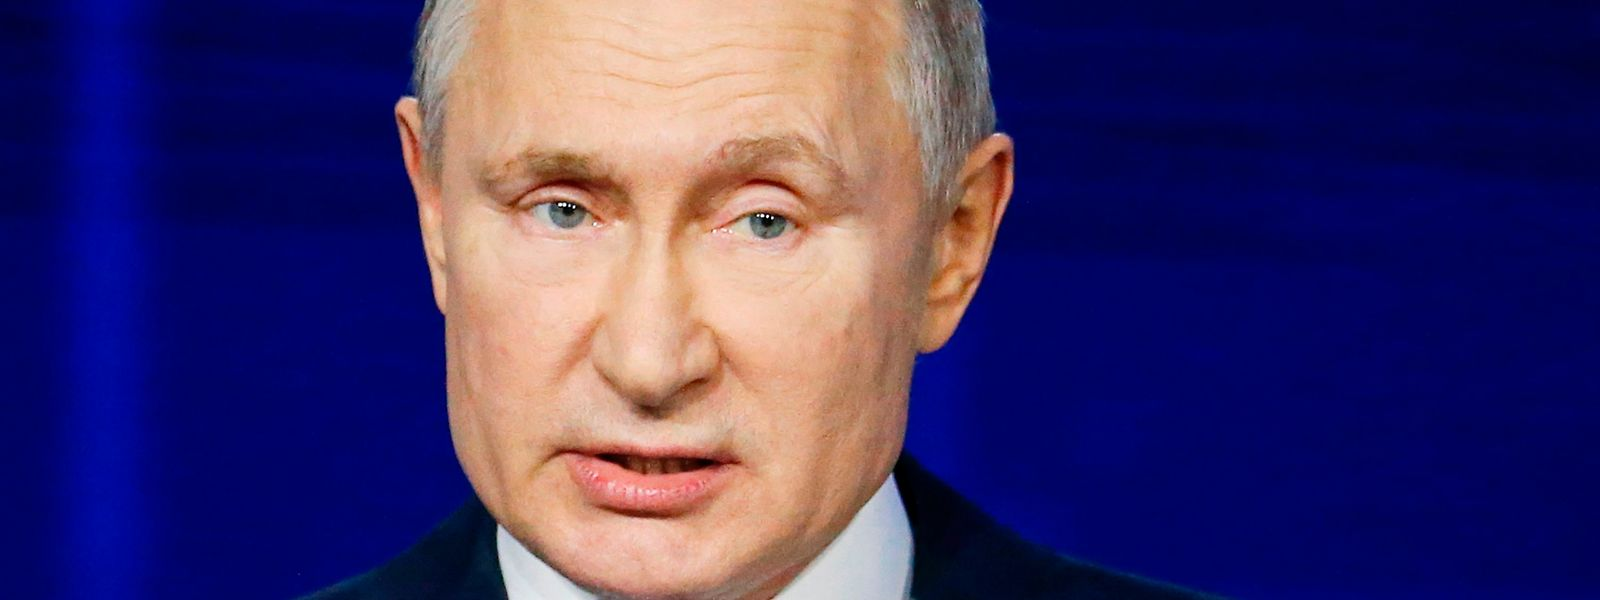 Auf Vladimir Putins Reaktion darf man gespannt sein.